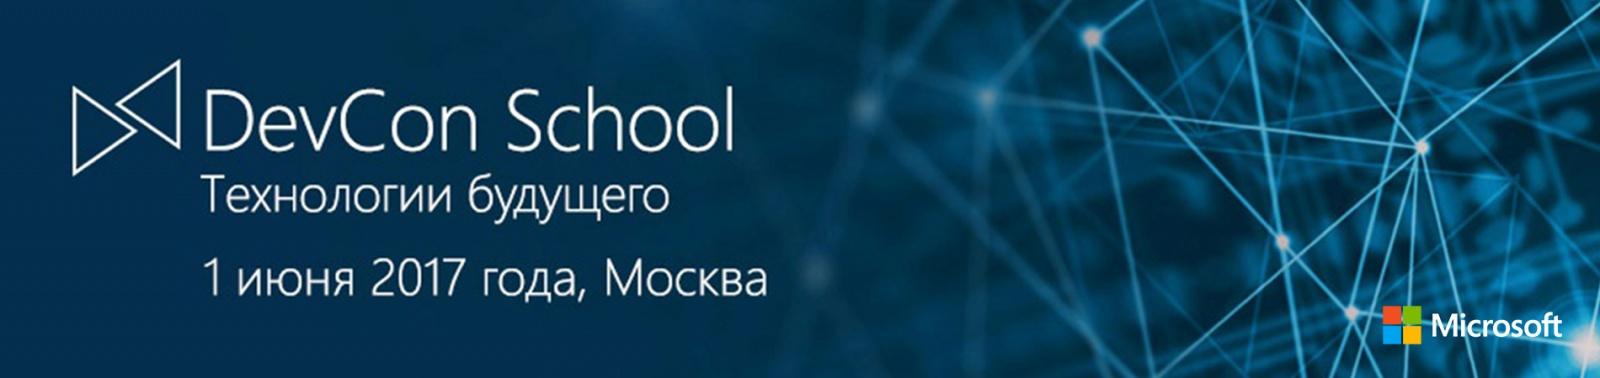 Июньская DevCon-школа: AI, BlockChain, Azure Stack и 12 мастер-классов - 1